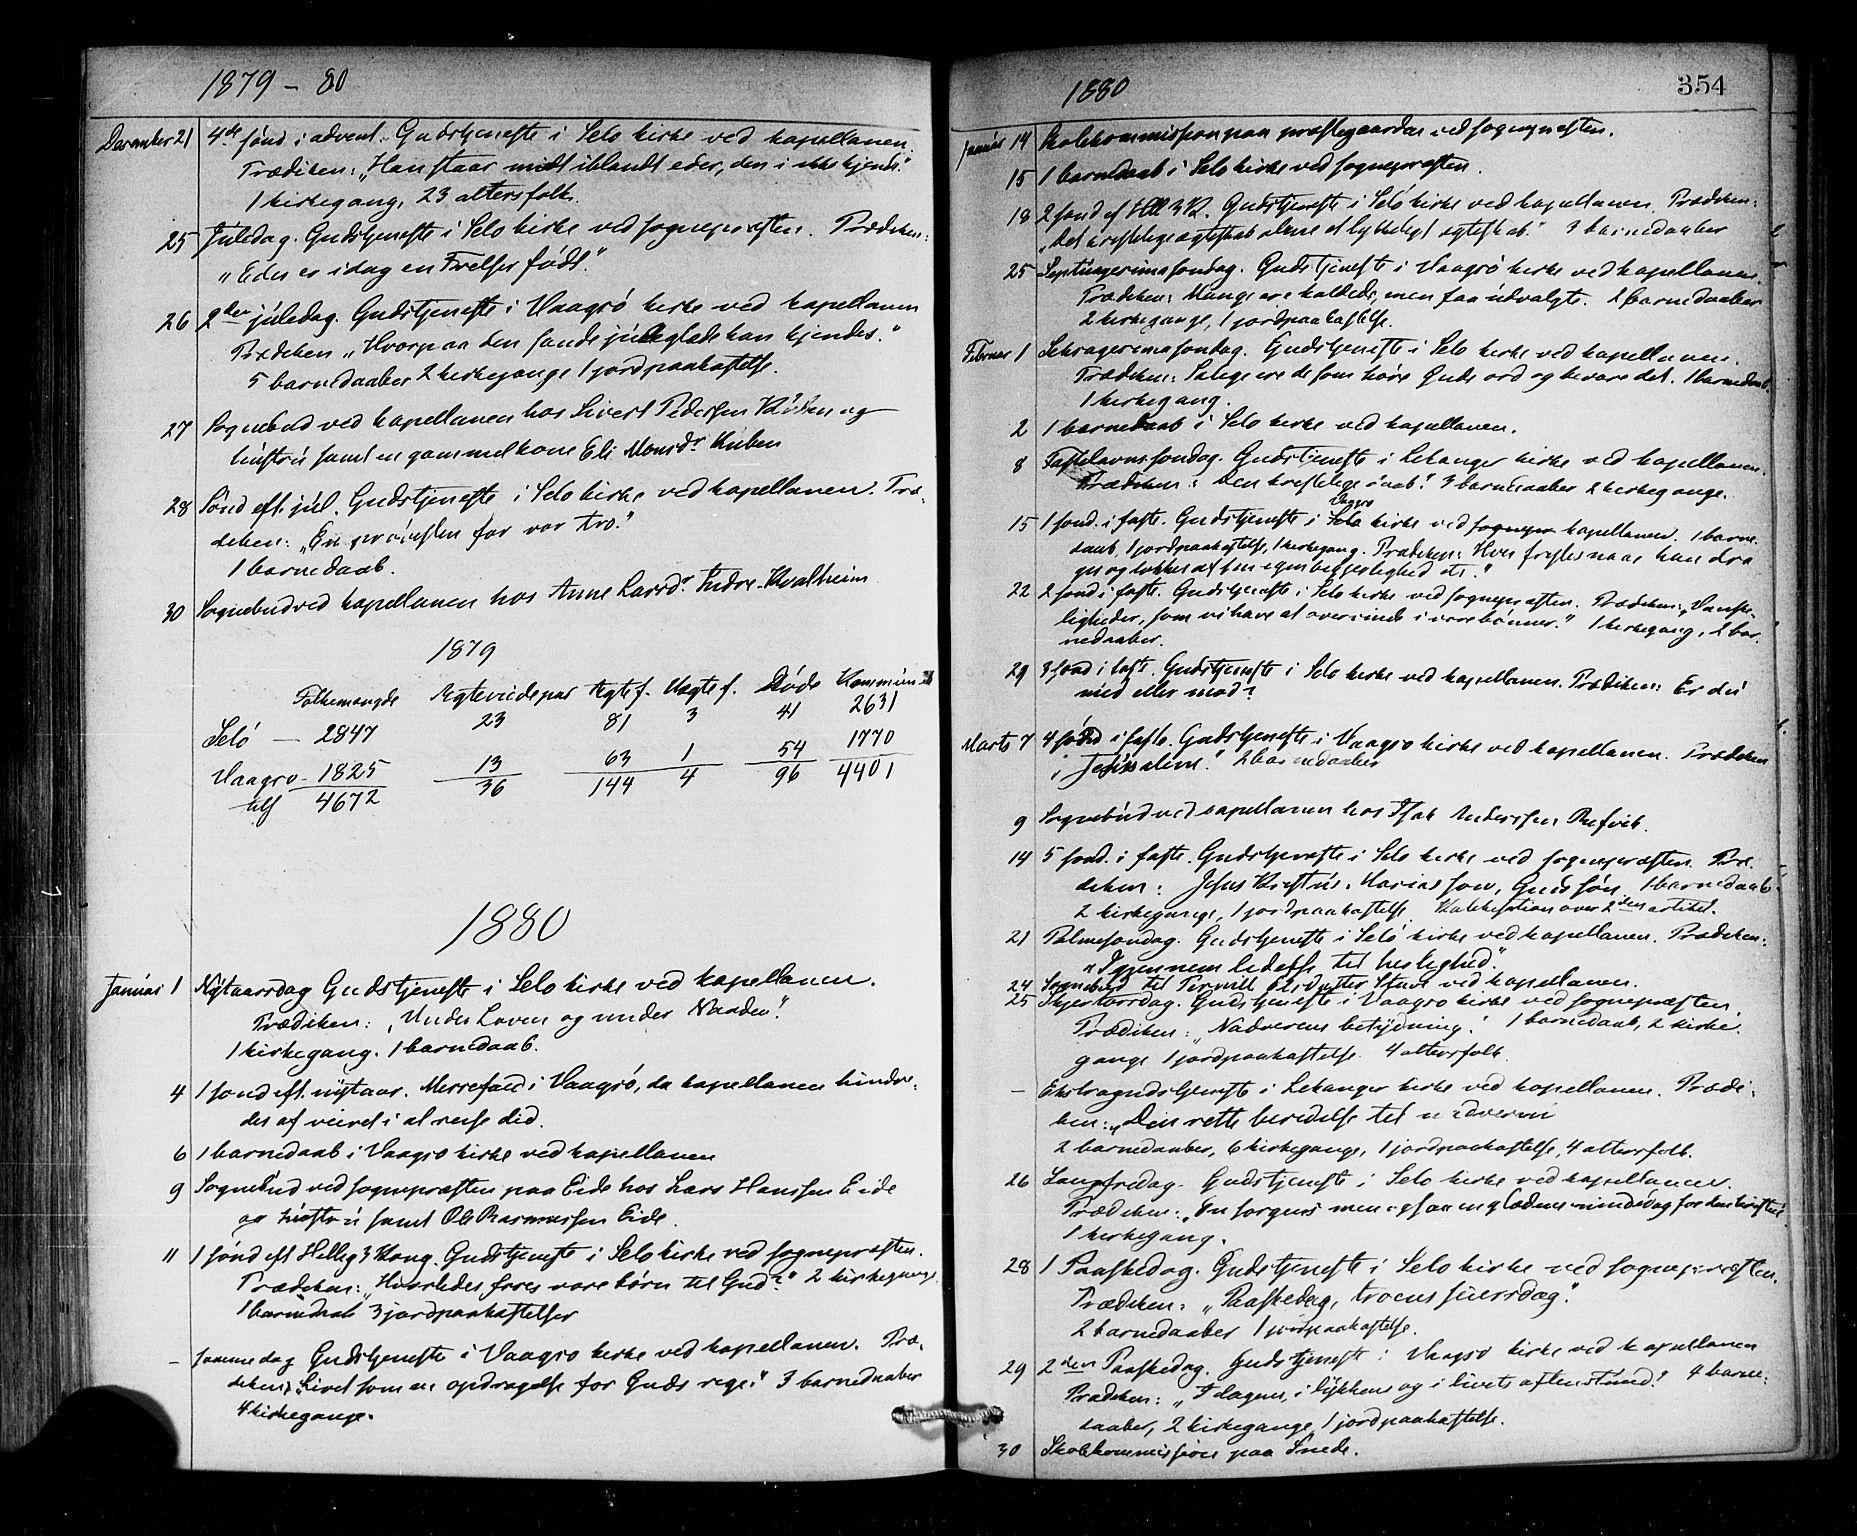 SAB, Selje sokneprestembete*, Ministerialbok nr. A 12, 1870-1880, s. 354